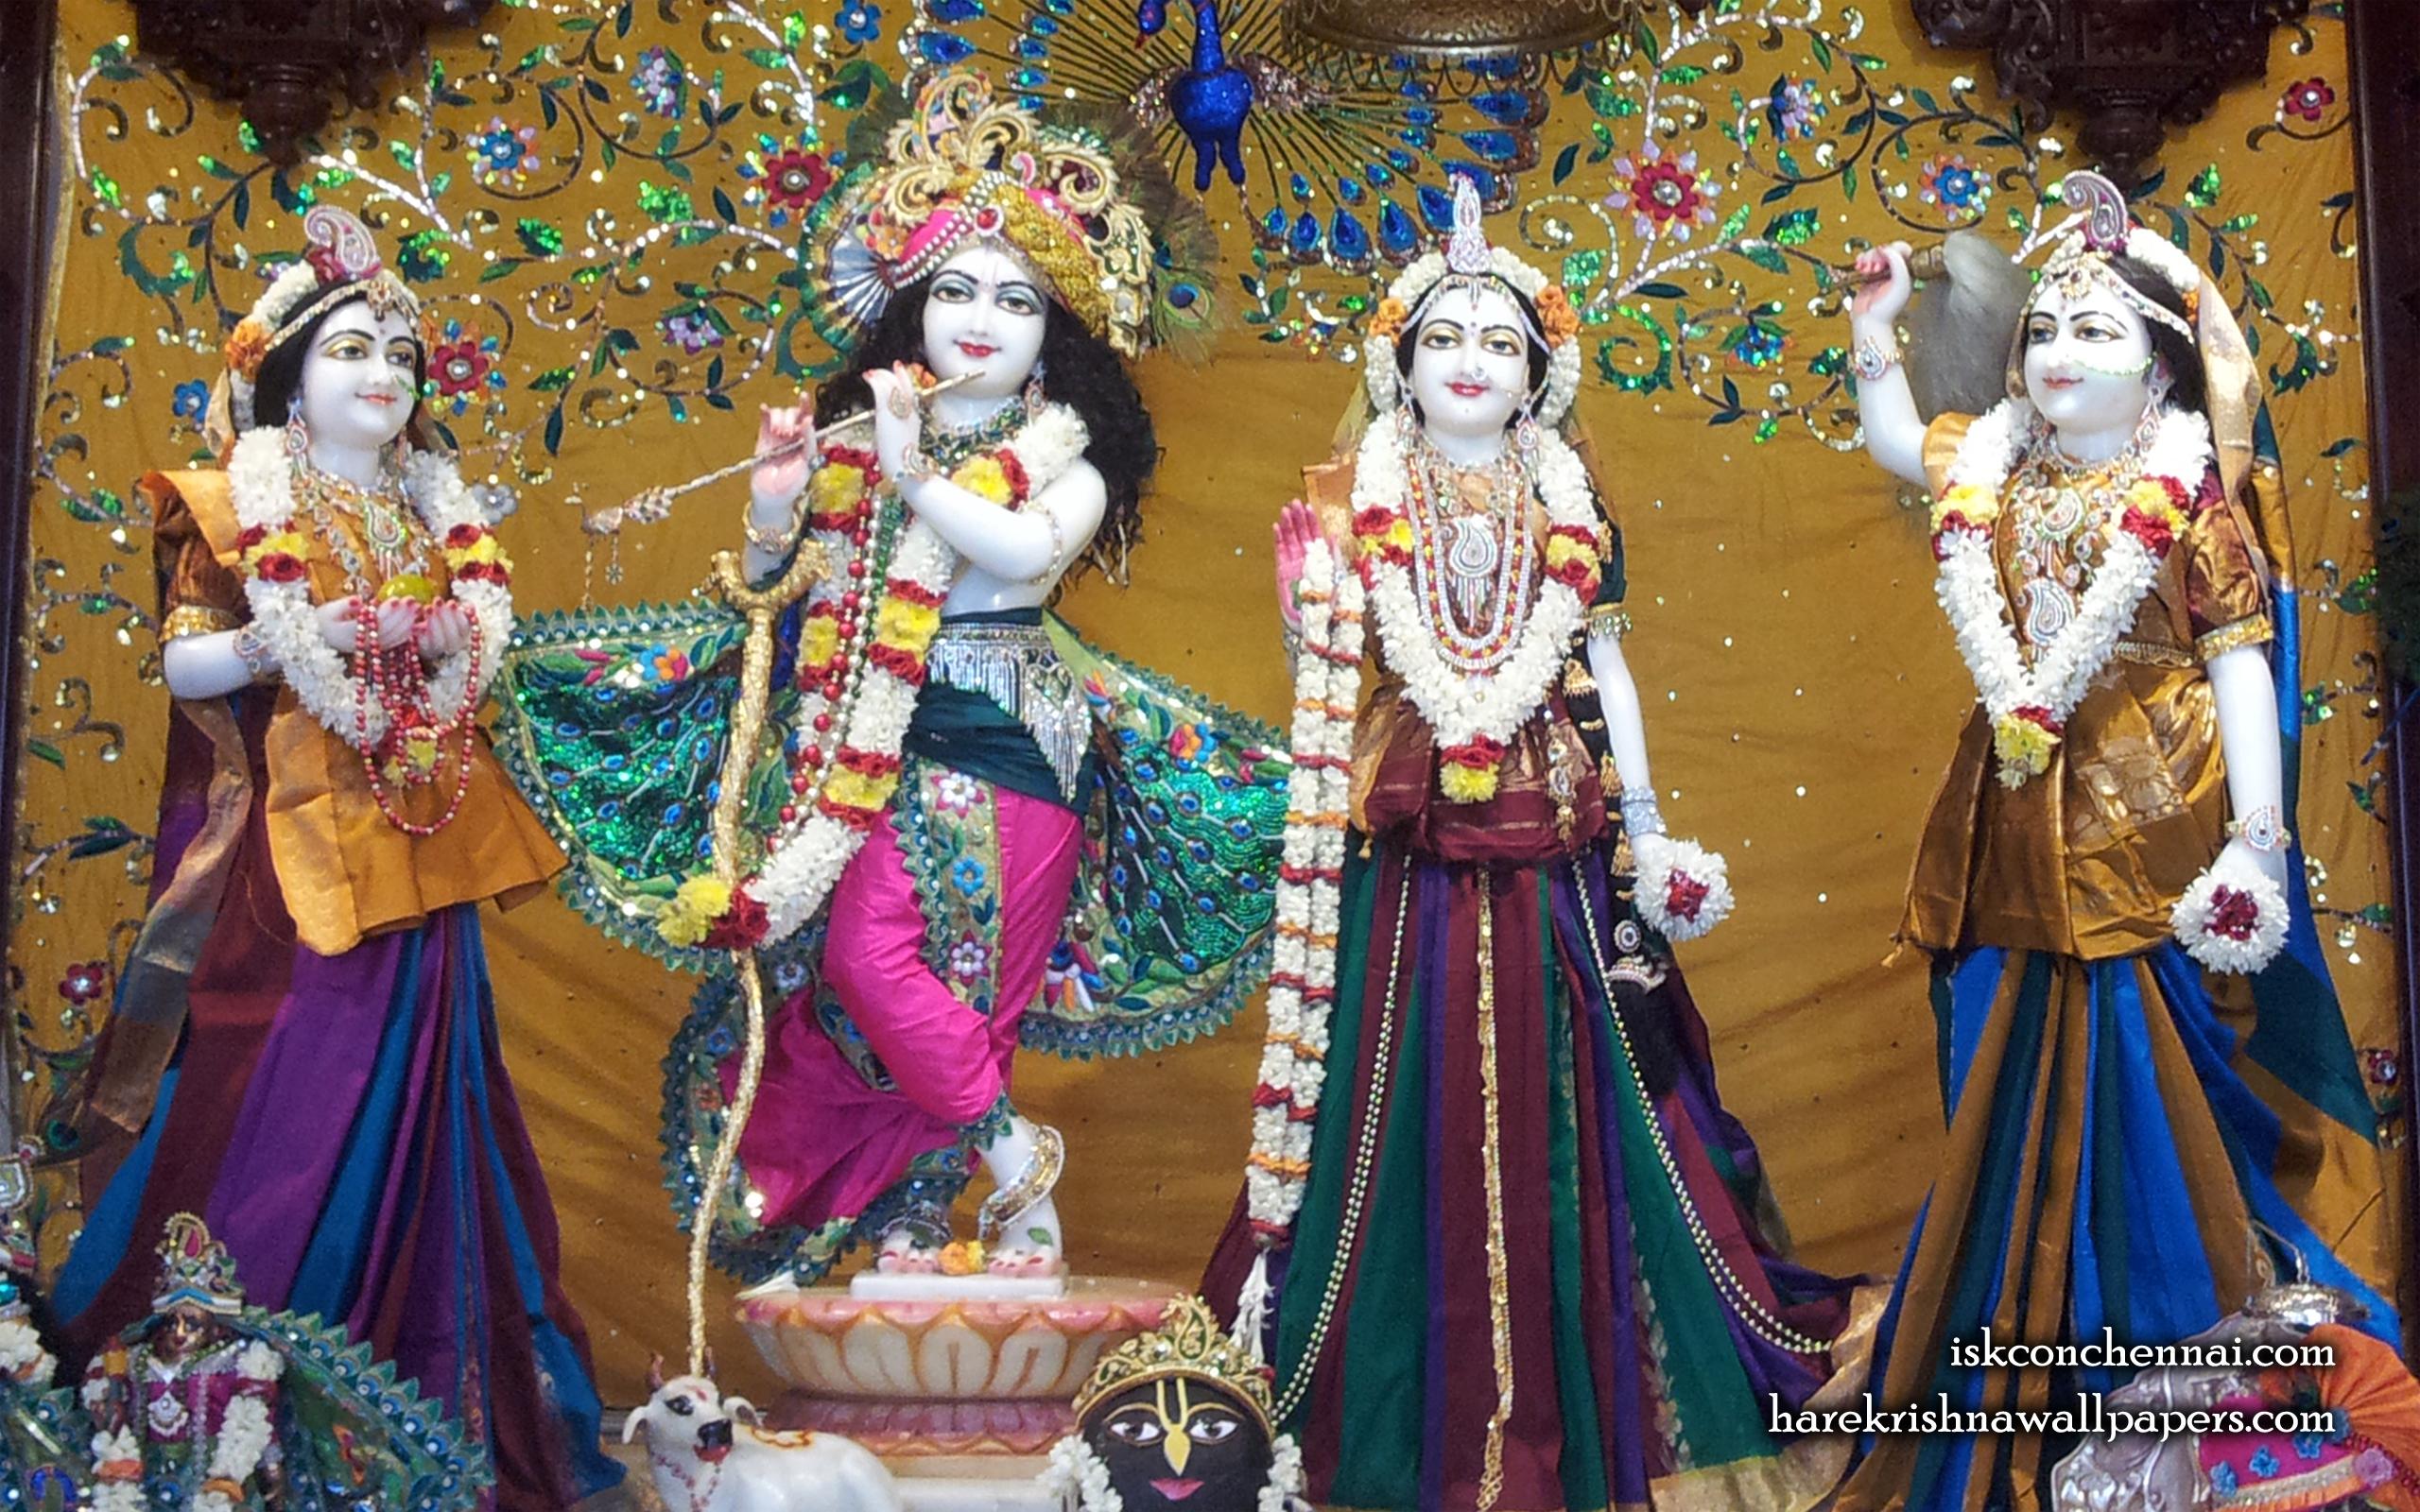 Sri Sri Radha Krishna Lalita Vishakha Wallpaper (005) Size 2560x1600 Download